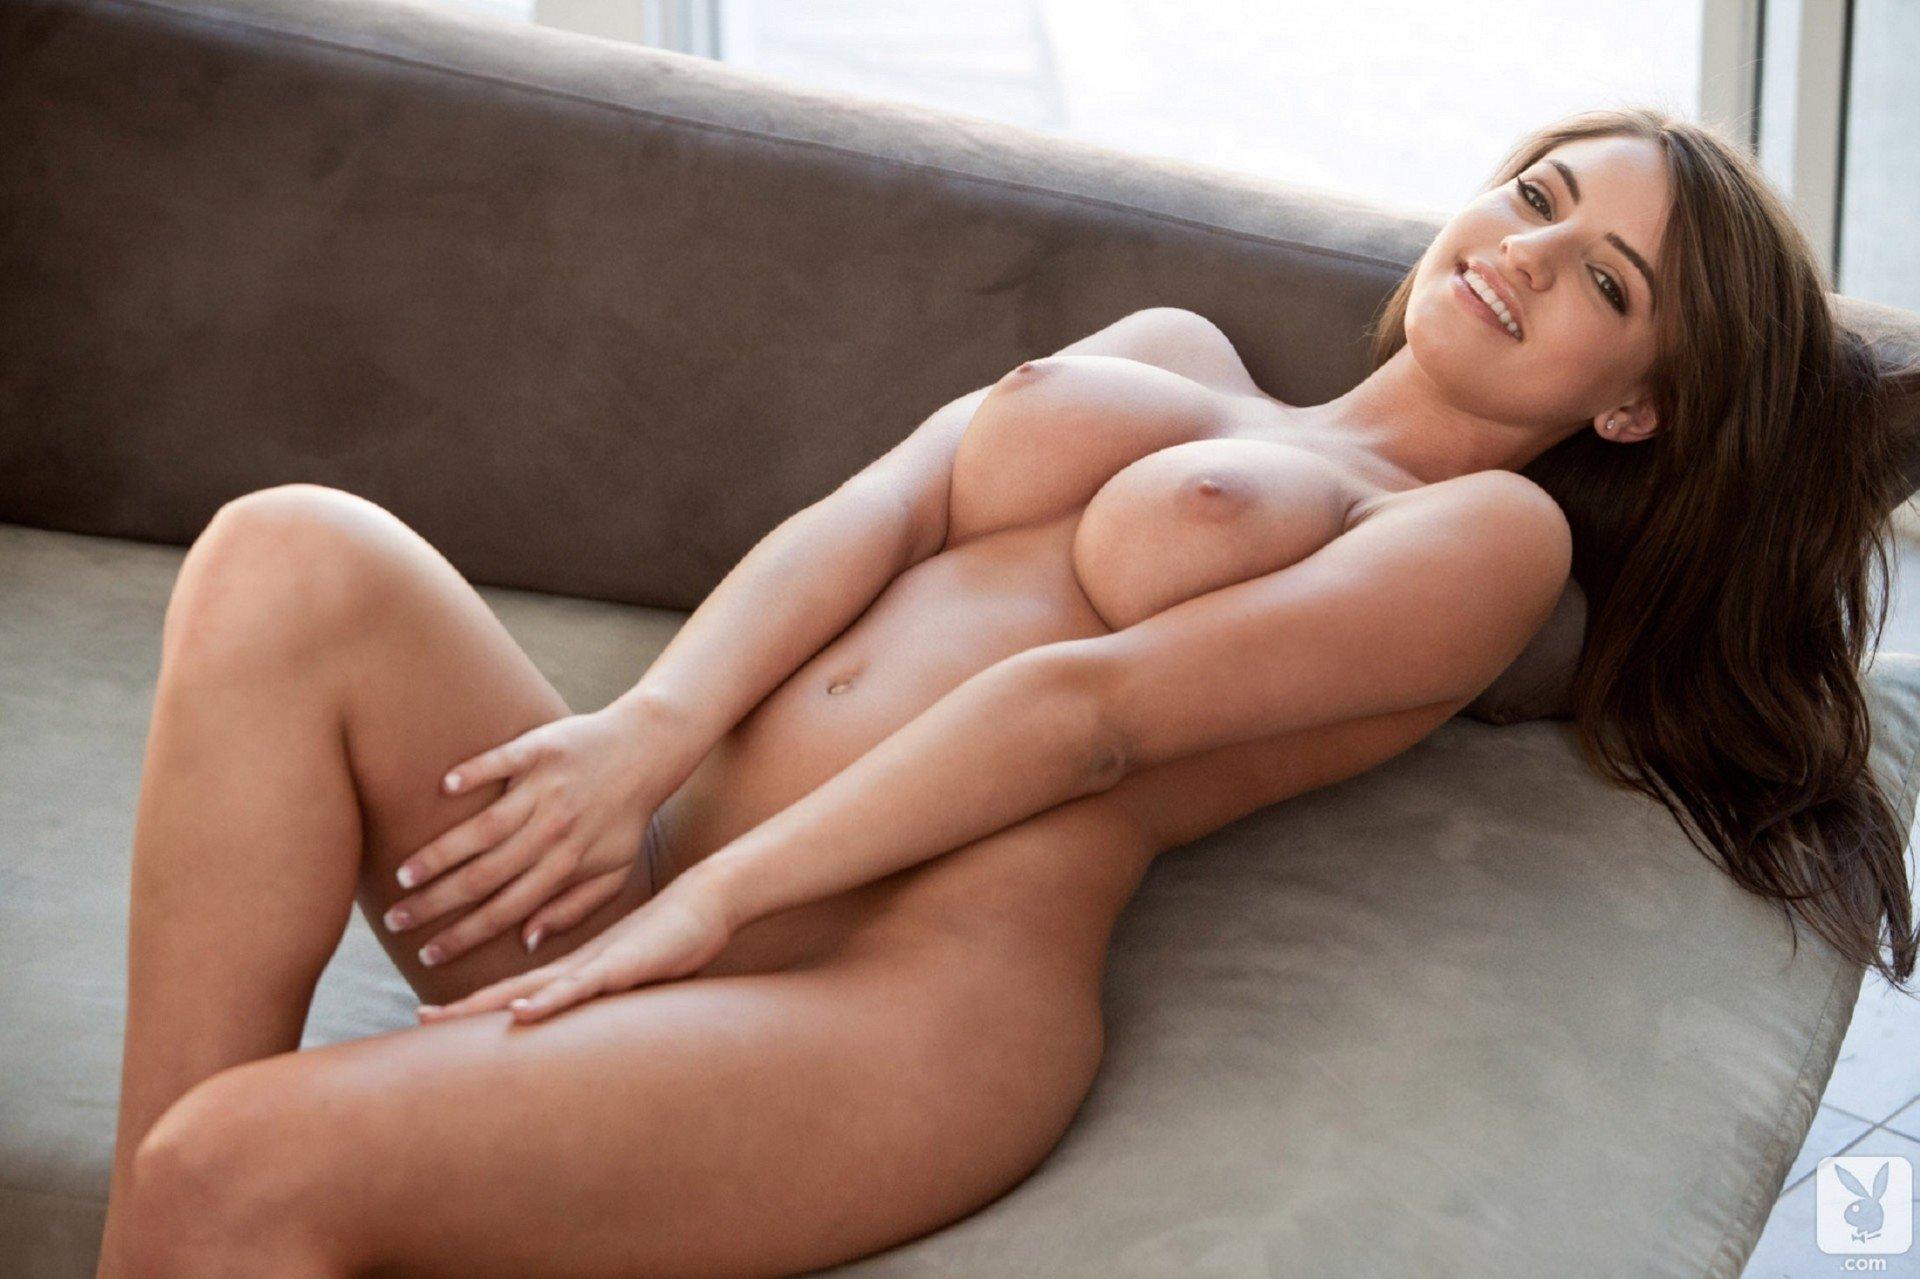 sexy-boobs-gros-seins-fille-nue